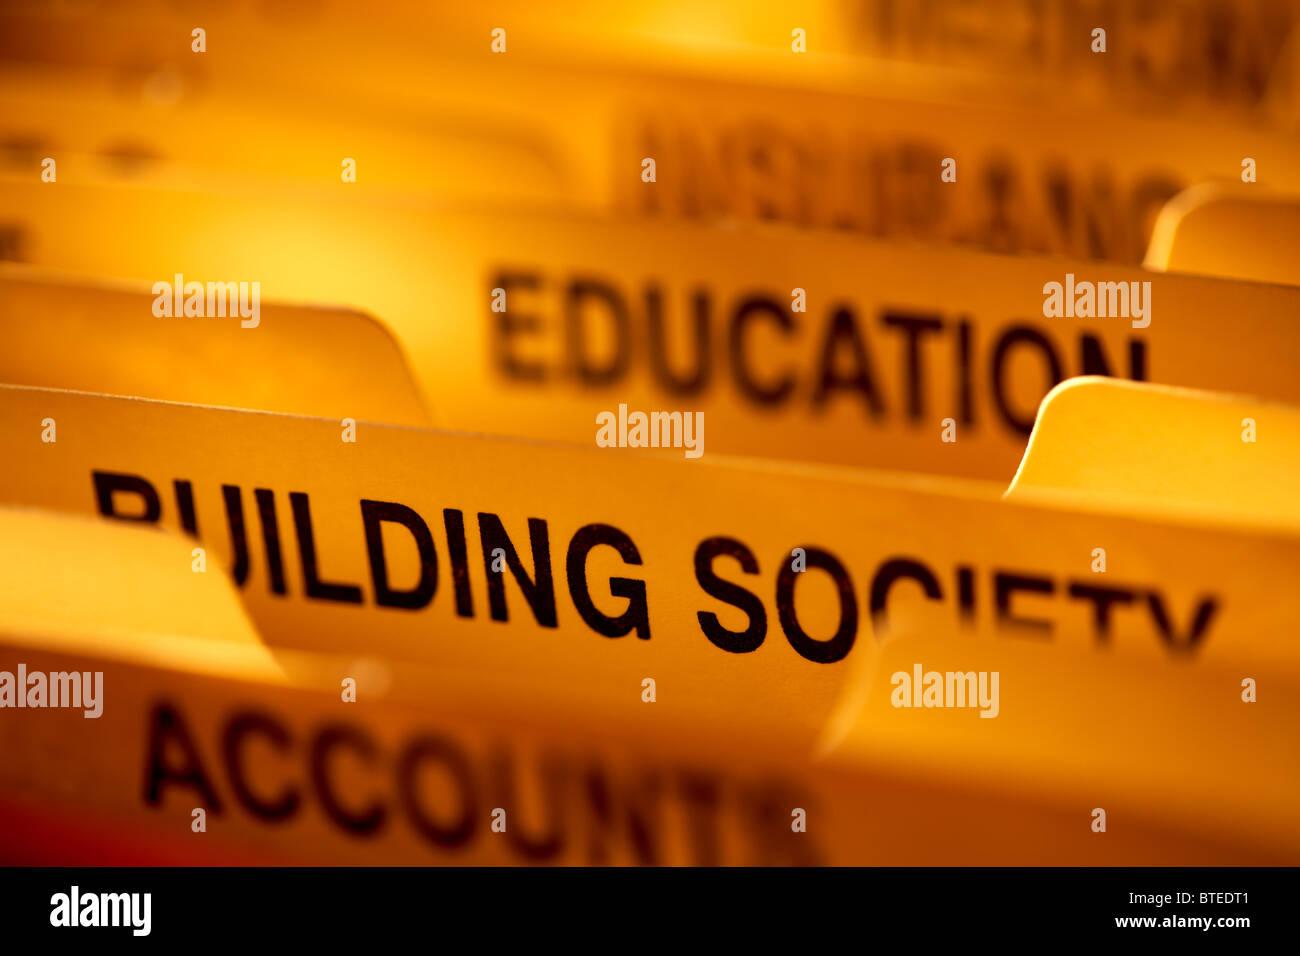 Comptes personnels en expansion compartiments fichier close up l'accent sur la construction de la société Photo Stock